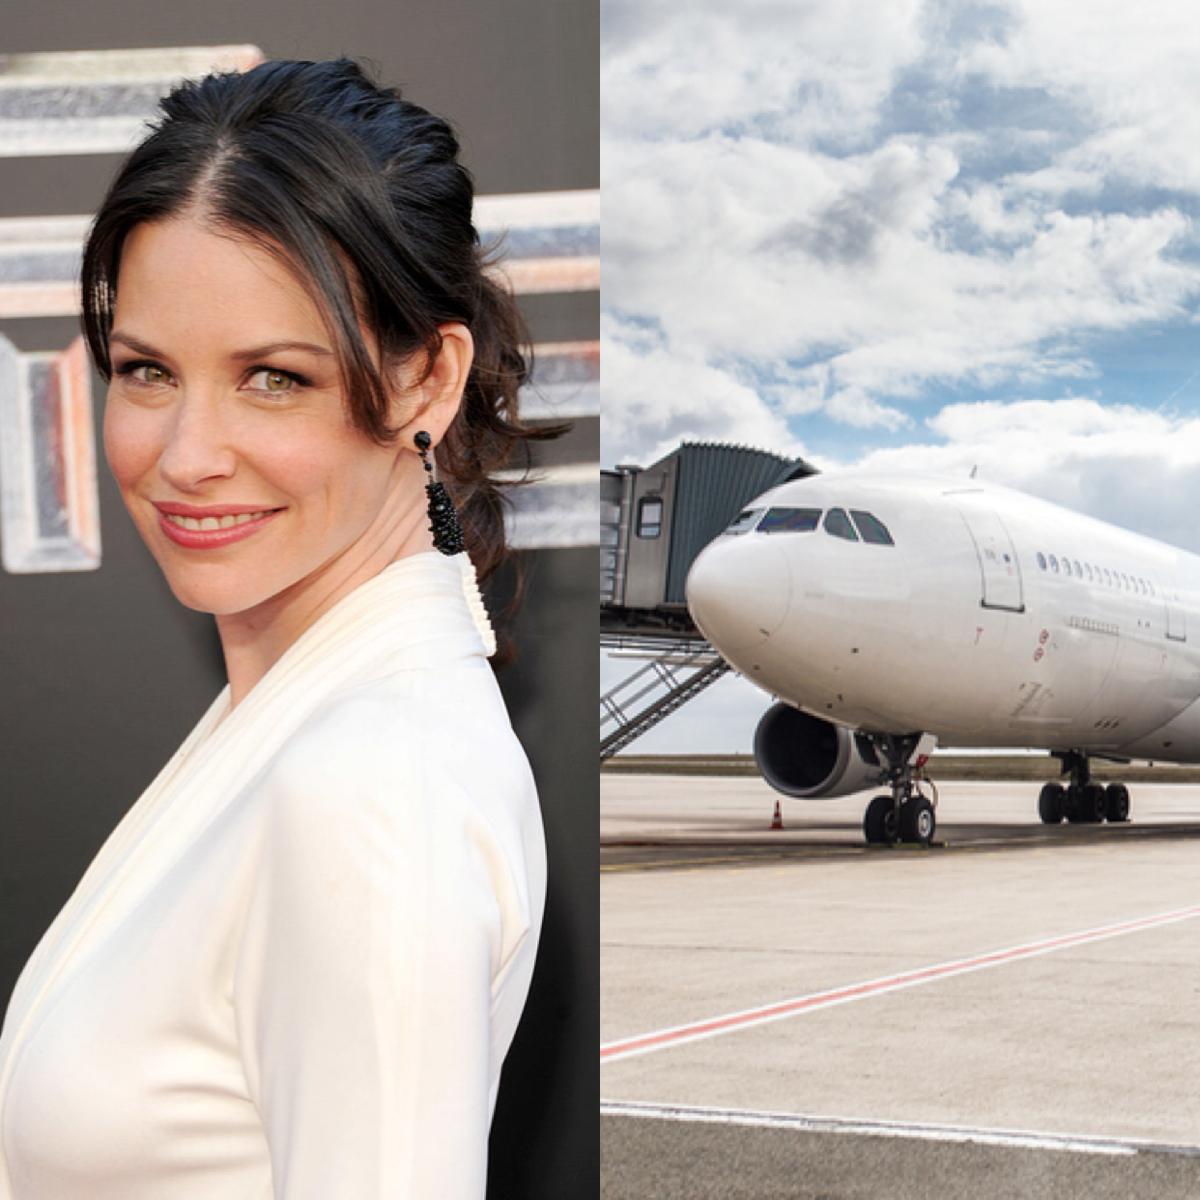 ドラマ『ロスト』で知られるエヴァンジェン・リリー(39)は、カナダの航空会社で1カ月間だけ客室乗務員をしていたという。この仕事はあまり好きではなかったらしく、イヤな客の前でオナラをしたという衝撃のエピソードも語っている。